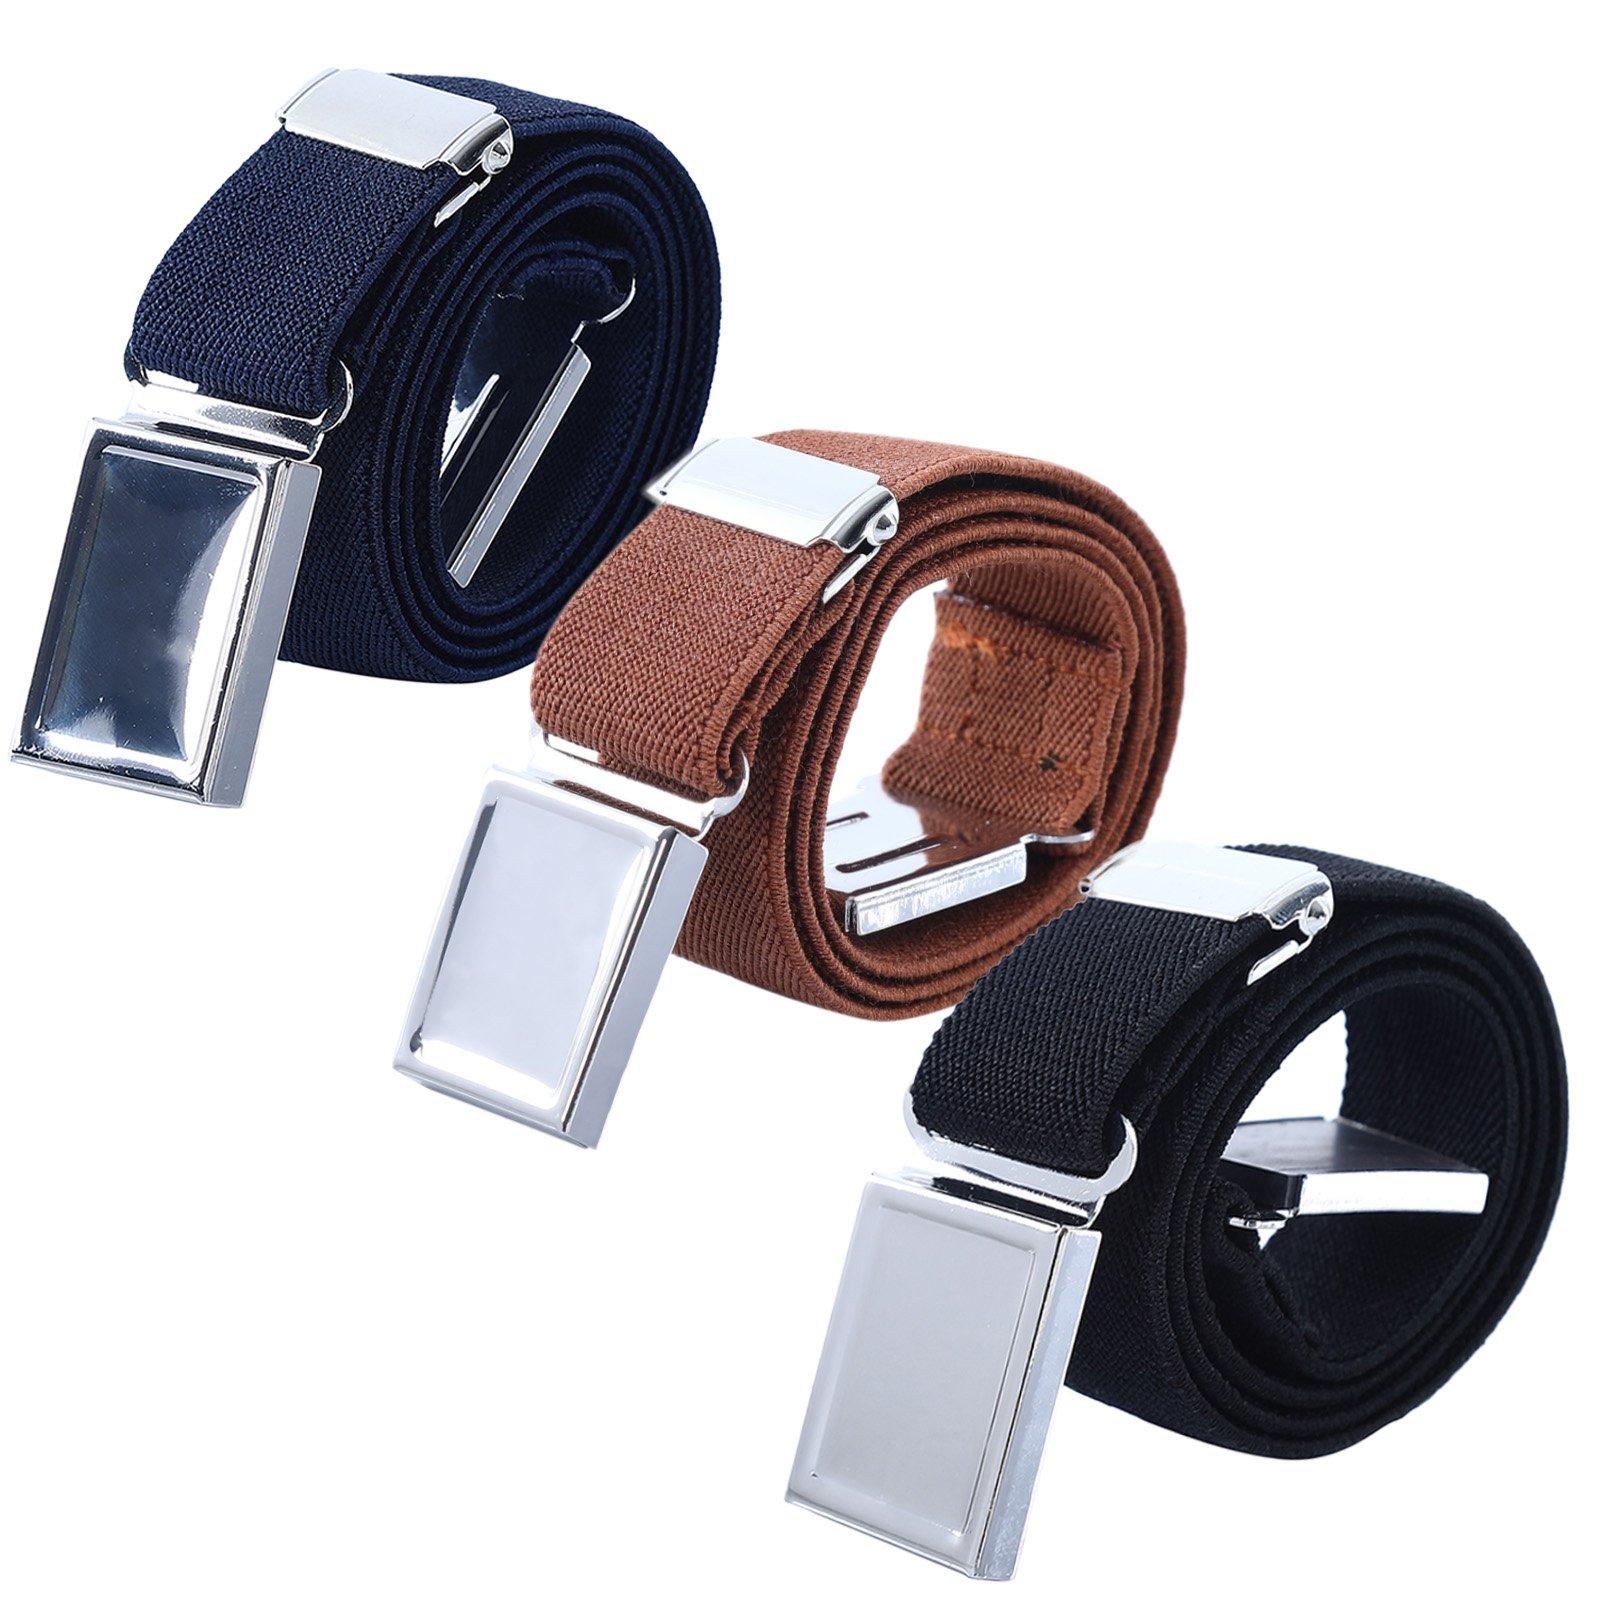 Boy Kids Magnetic Buckle Belt - Adjustable Elastic Children's Belts for Girls, 3 Pieces (Navy blue/Brown / Black)